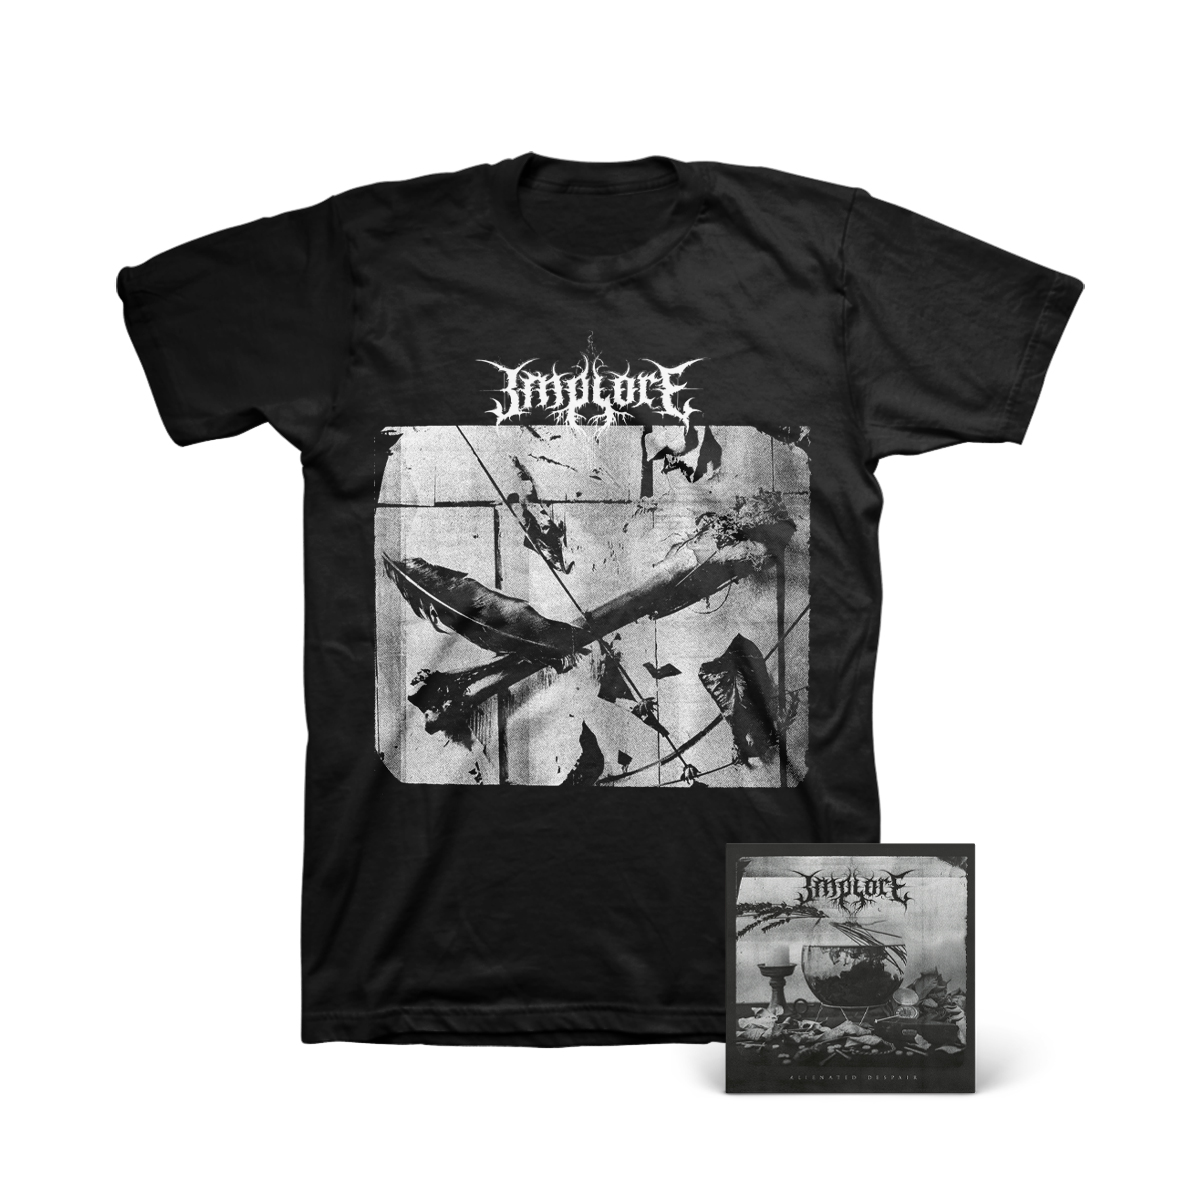 Implore - Alienated Despair Digital Download + Photo T-Shirt